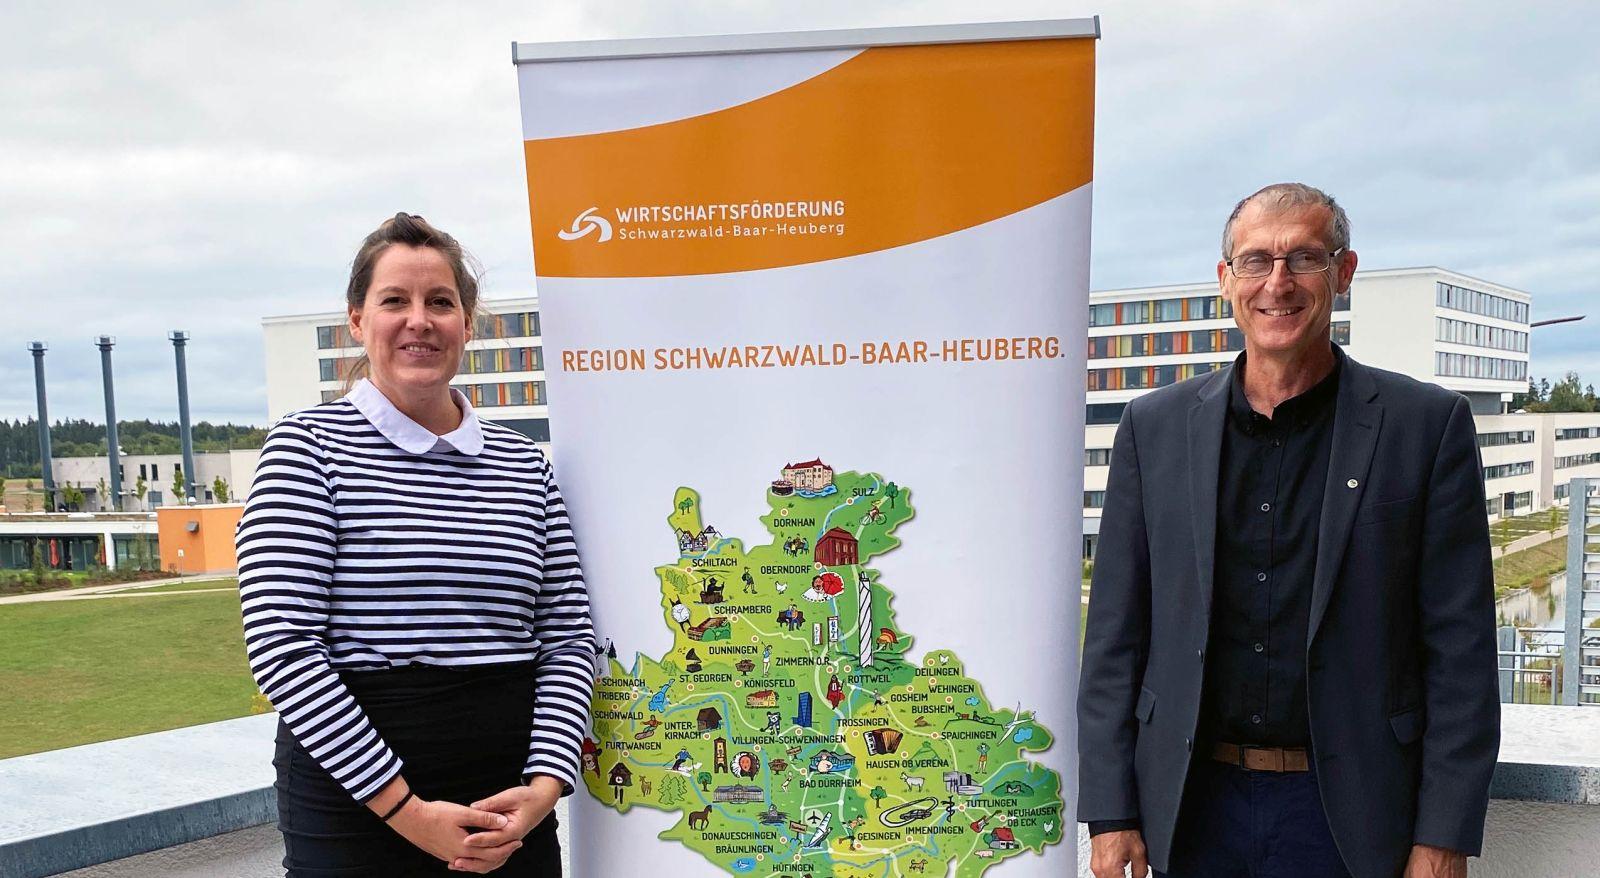 Wünschen sich, dass die Unternehmen das geballte Knowhow der sechs Tage nutzen: Henriette Stanley, Geschäftsführerin der Wirtschaftsförderung Schwarzwald-Baar-Heuberg (links), und Christoph Reich, Vorsitzender des Innovationsnetzwerkes Schwarzwald-Baar-Heuberg.